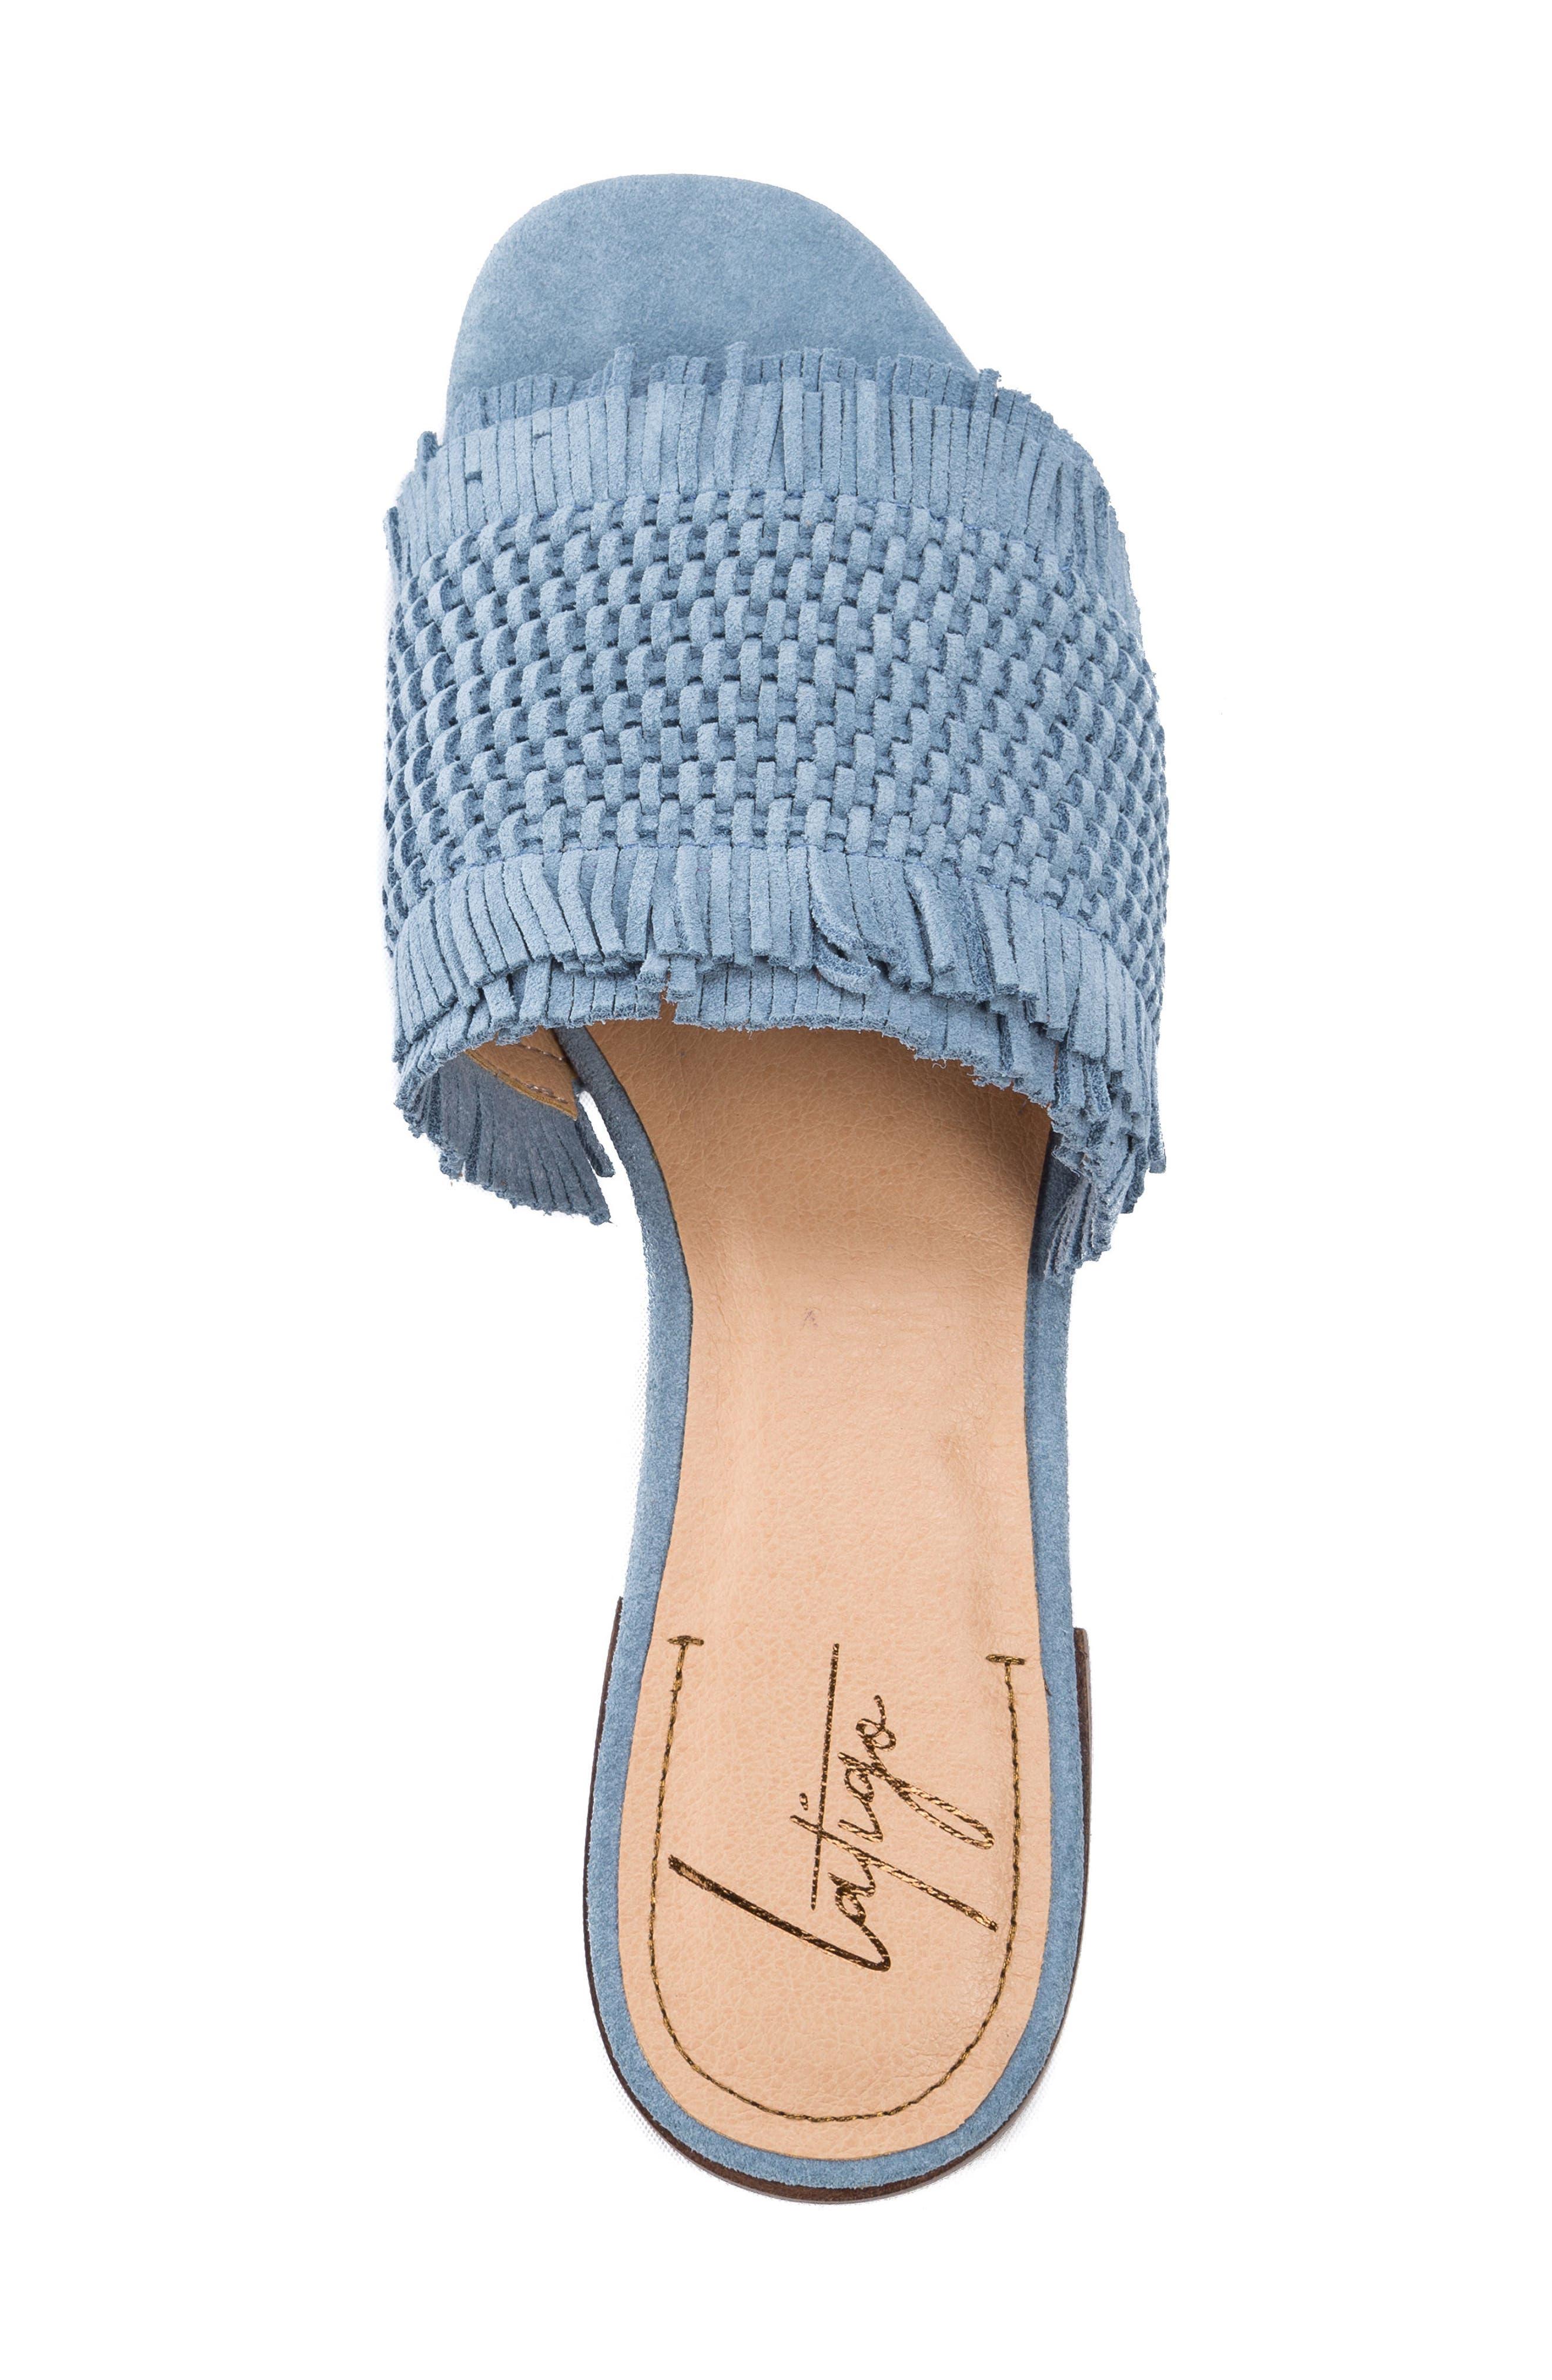 Sofie Fringed Slide Sandal,                             Alternate thumbnail 4, color,                             Light Blue